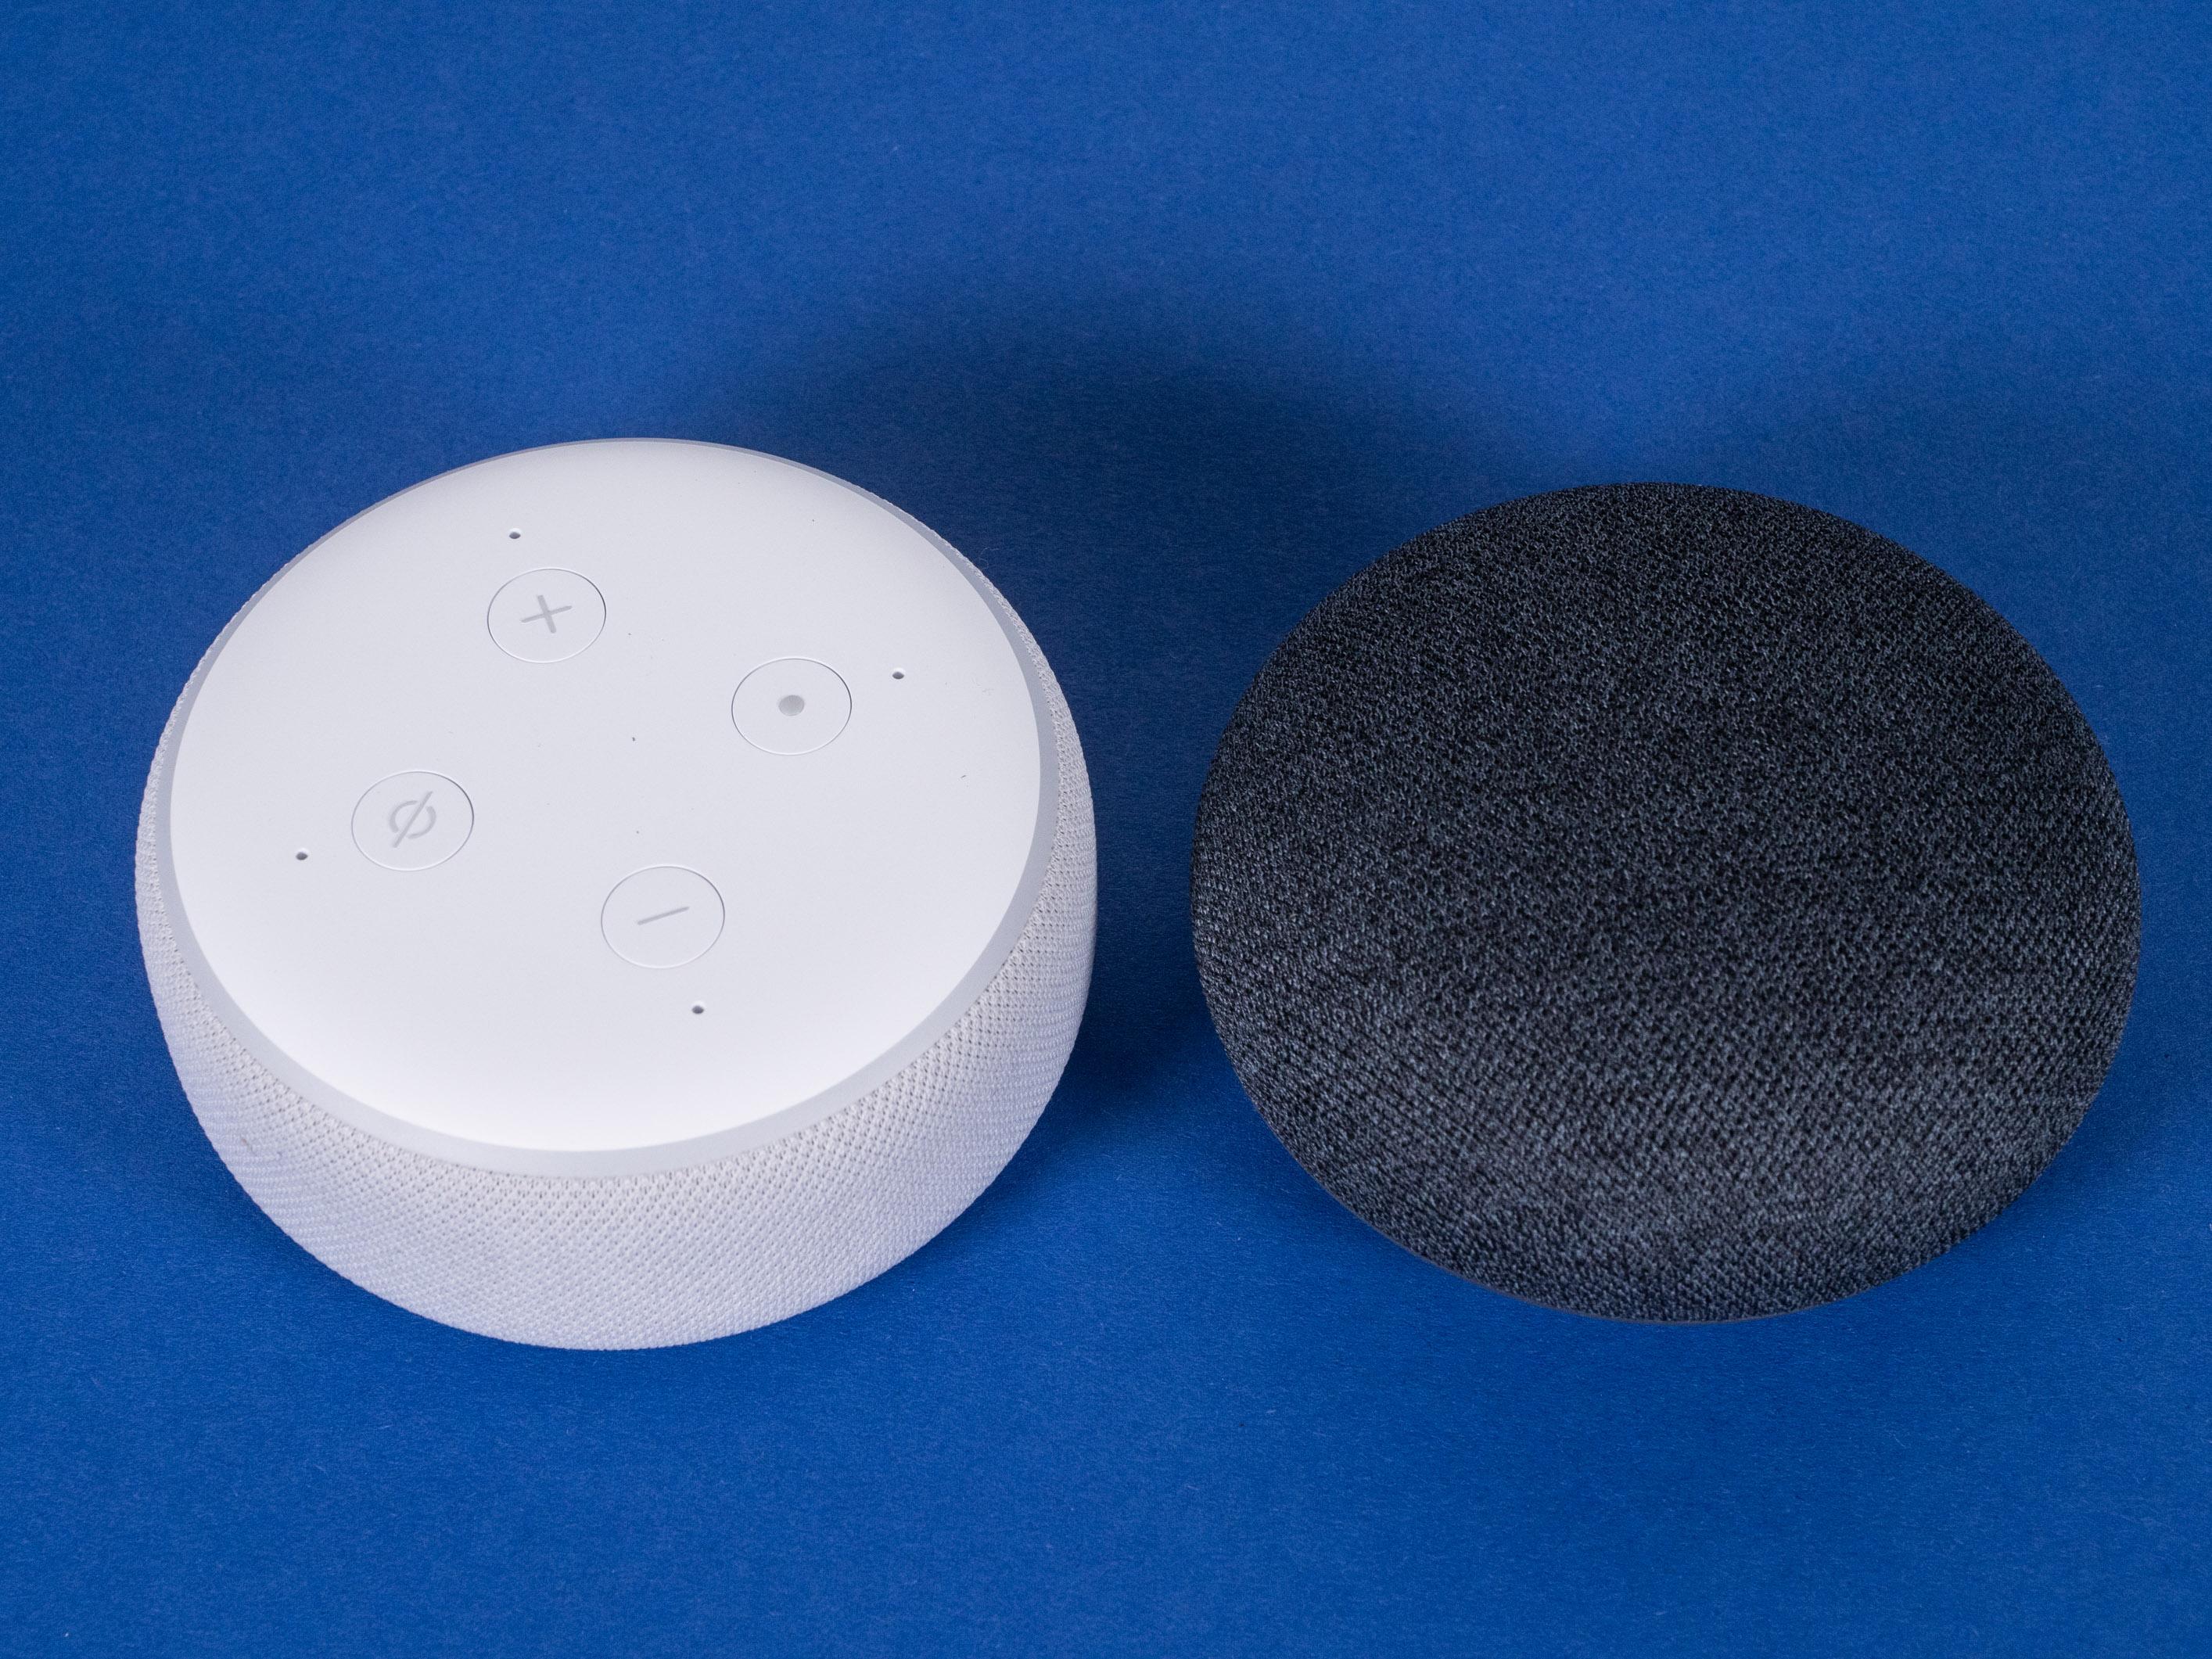 Echo Dot mit Uhr und Nest Mini im Test: Amazon hängt Google ab - Echo Dot mit Uhr und daneben der Nest Mini (Bild: Martin Wolf/Golem.de)